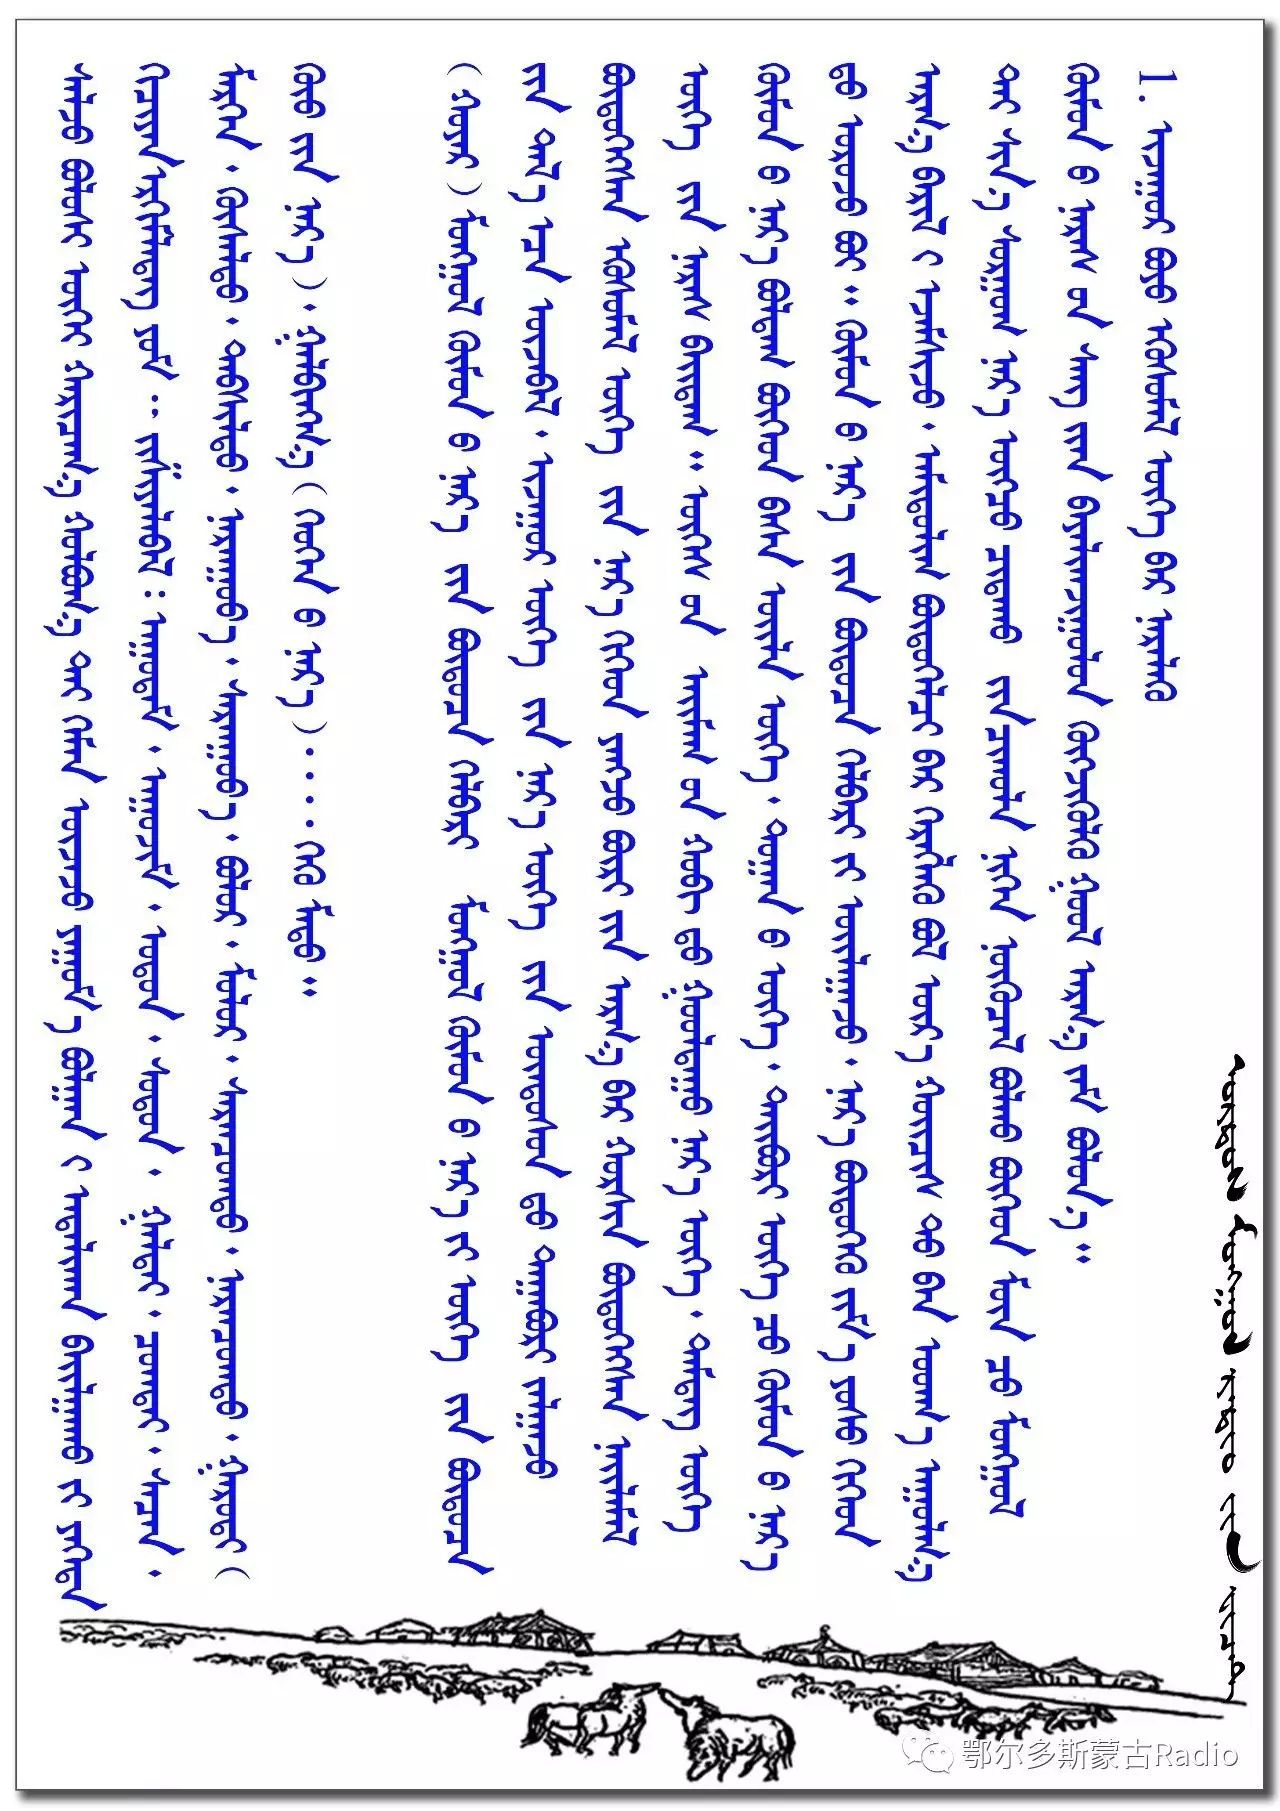 【习俗】蒙古人起名字习俗,年轻的父母们快来看看是怎么回事(蒙古文) 第6张 【习俗】蒙古人起名字习俗,年轻的父母们快来看看是怎么回事(蒙古文) 蒙古文库